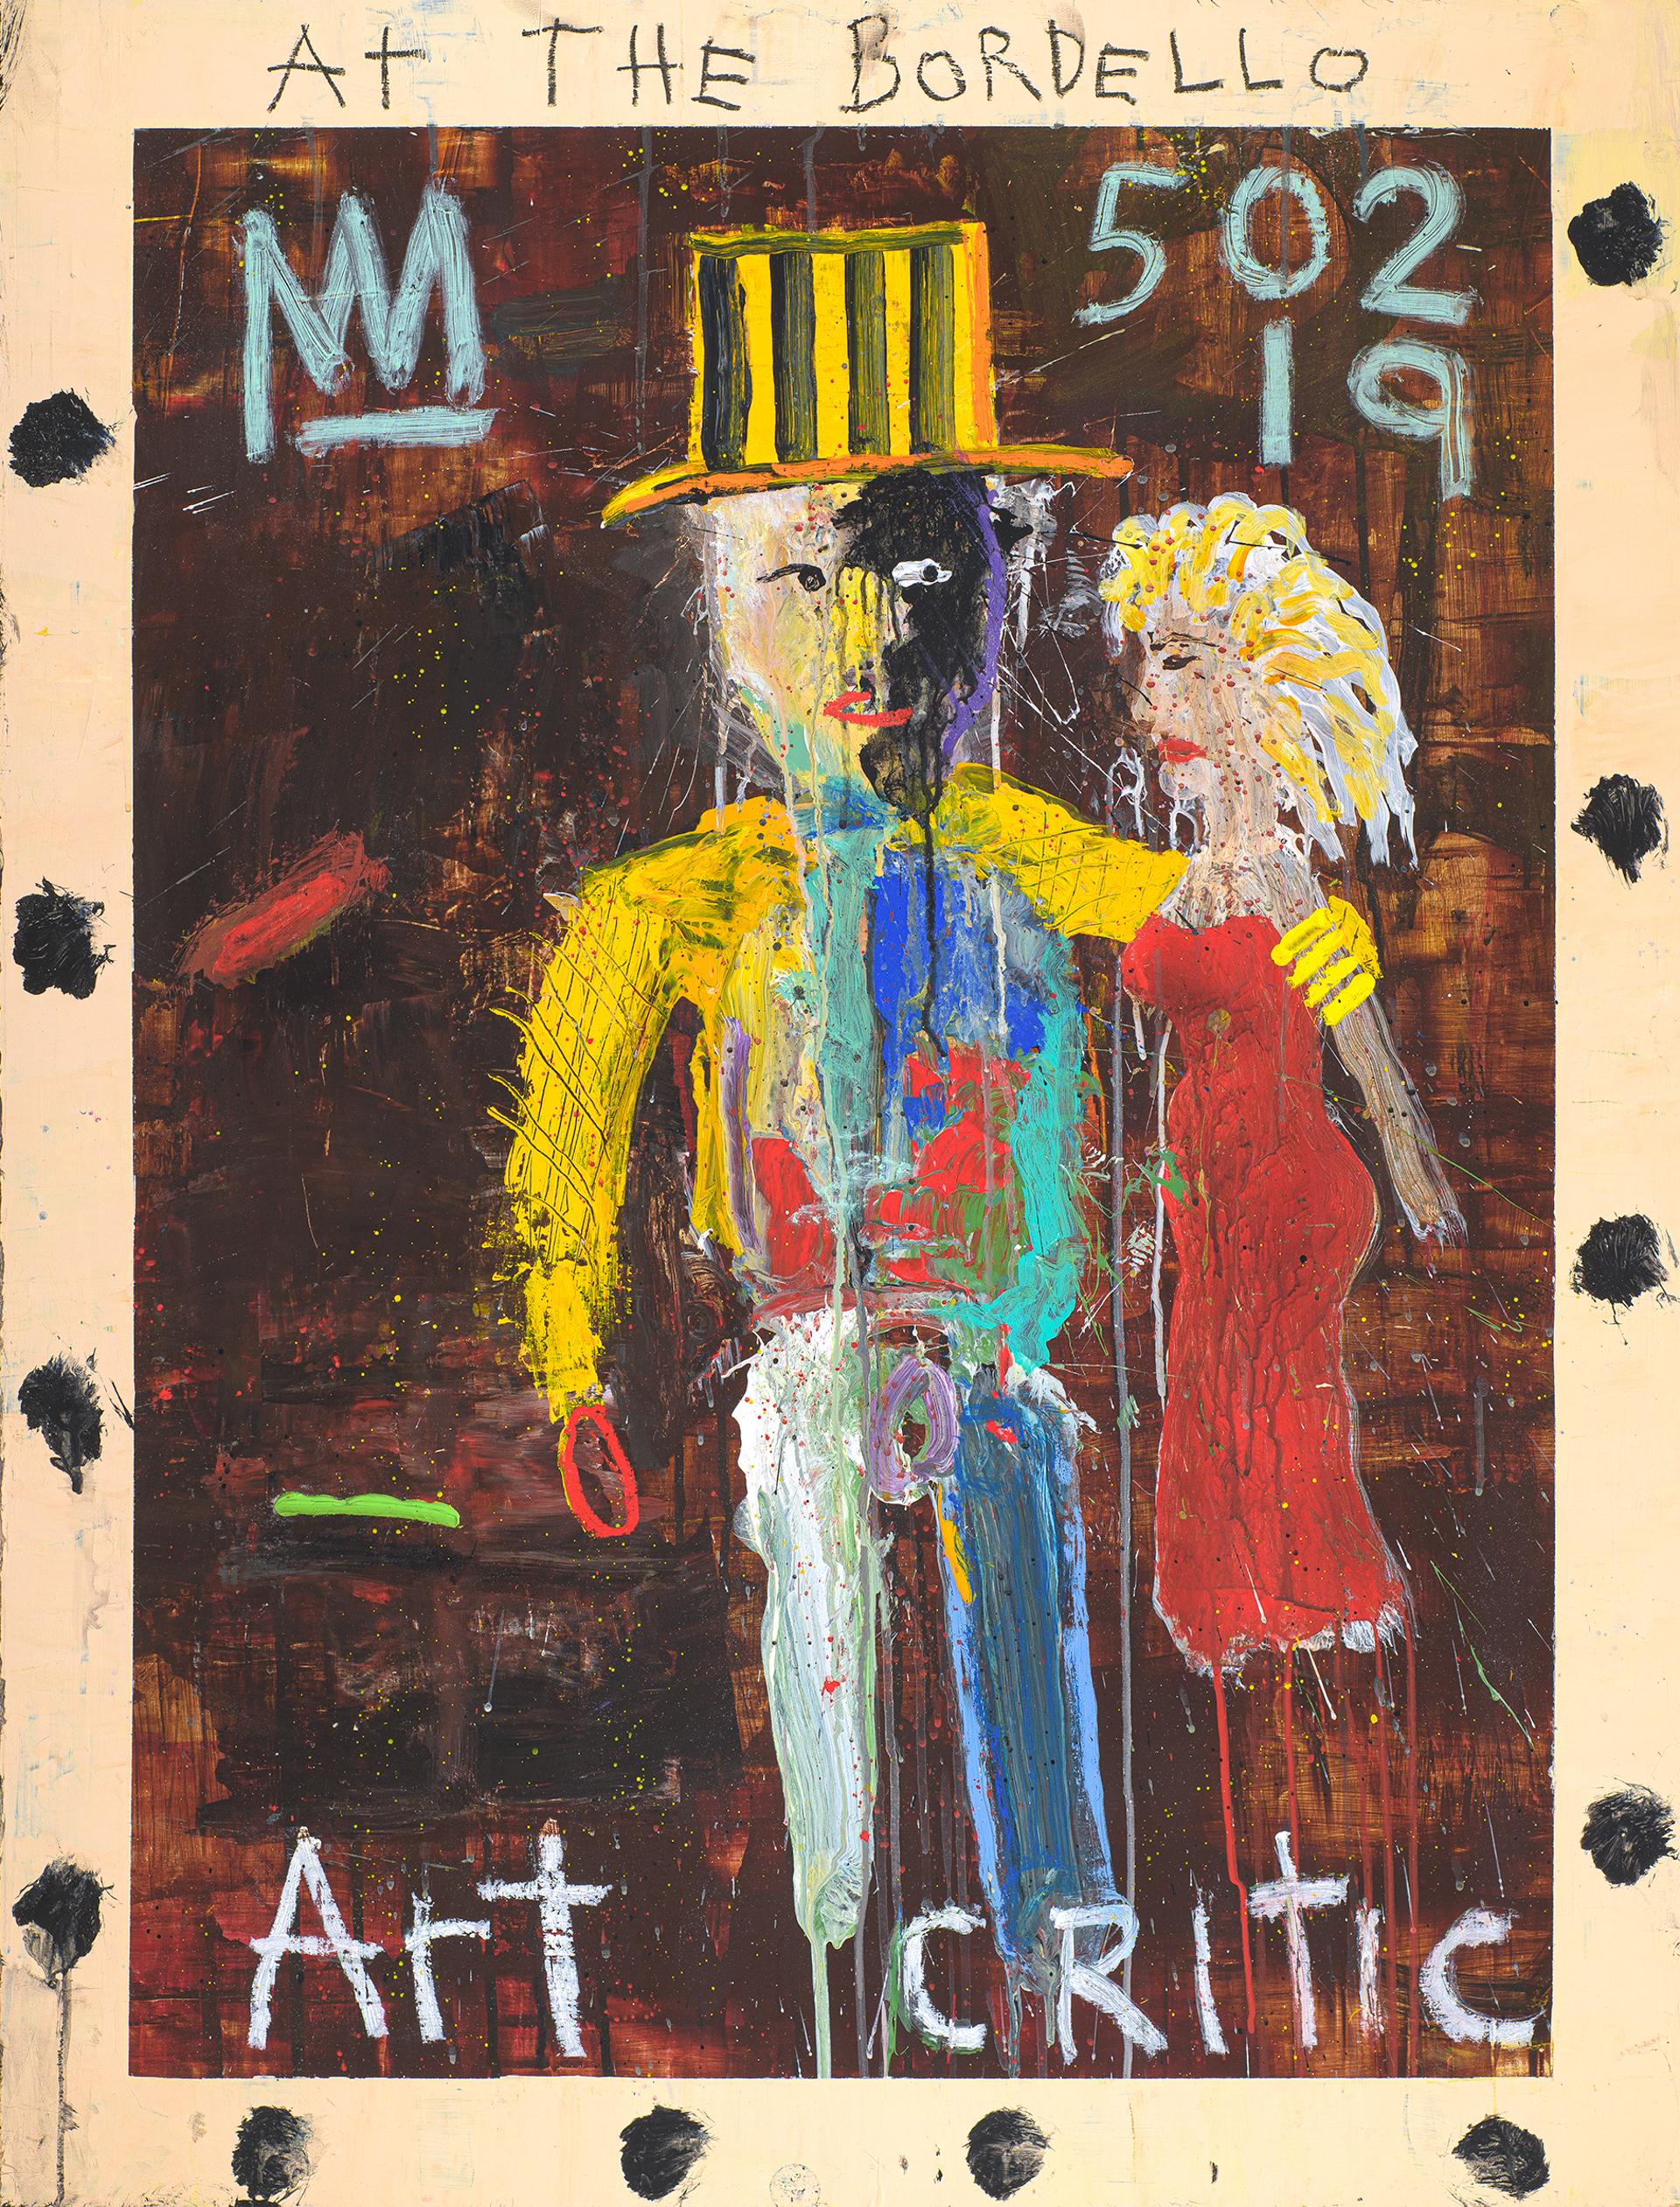 Art Critic at the Bordello by Michael Snodgrass